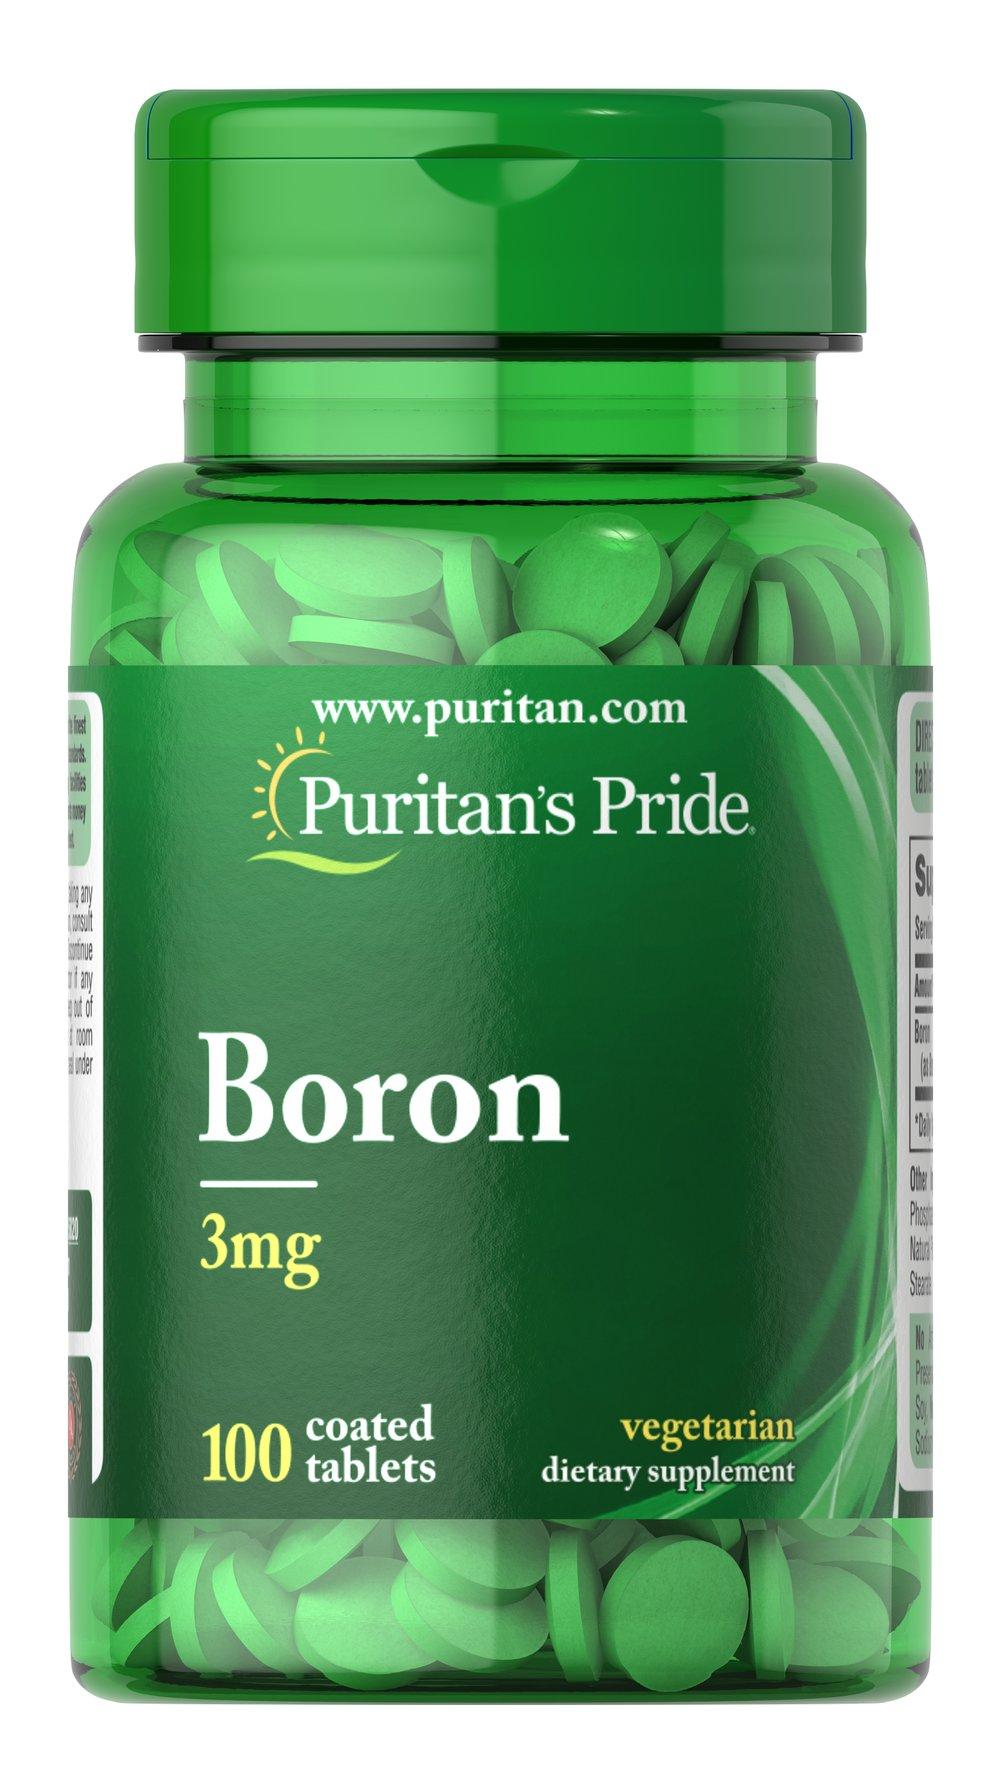 Boron 3 Mg 100 Tablets